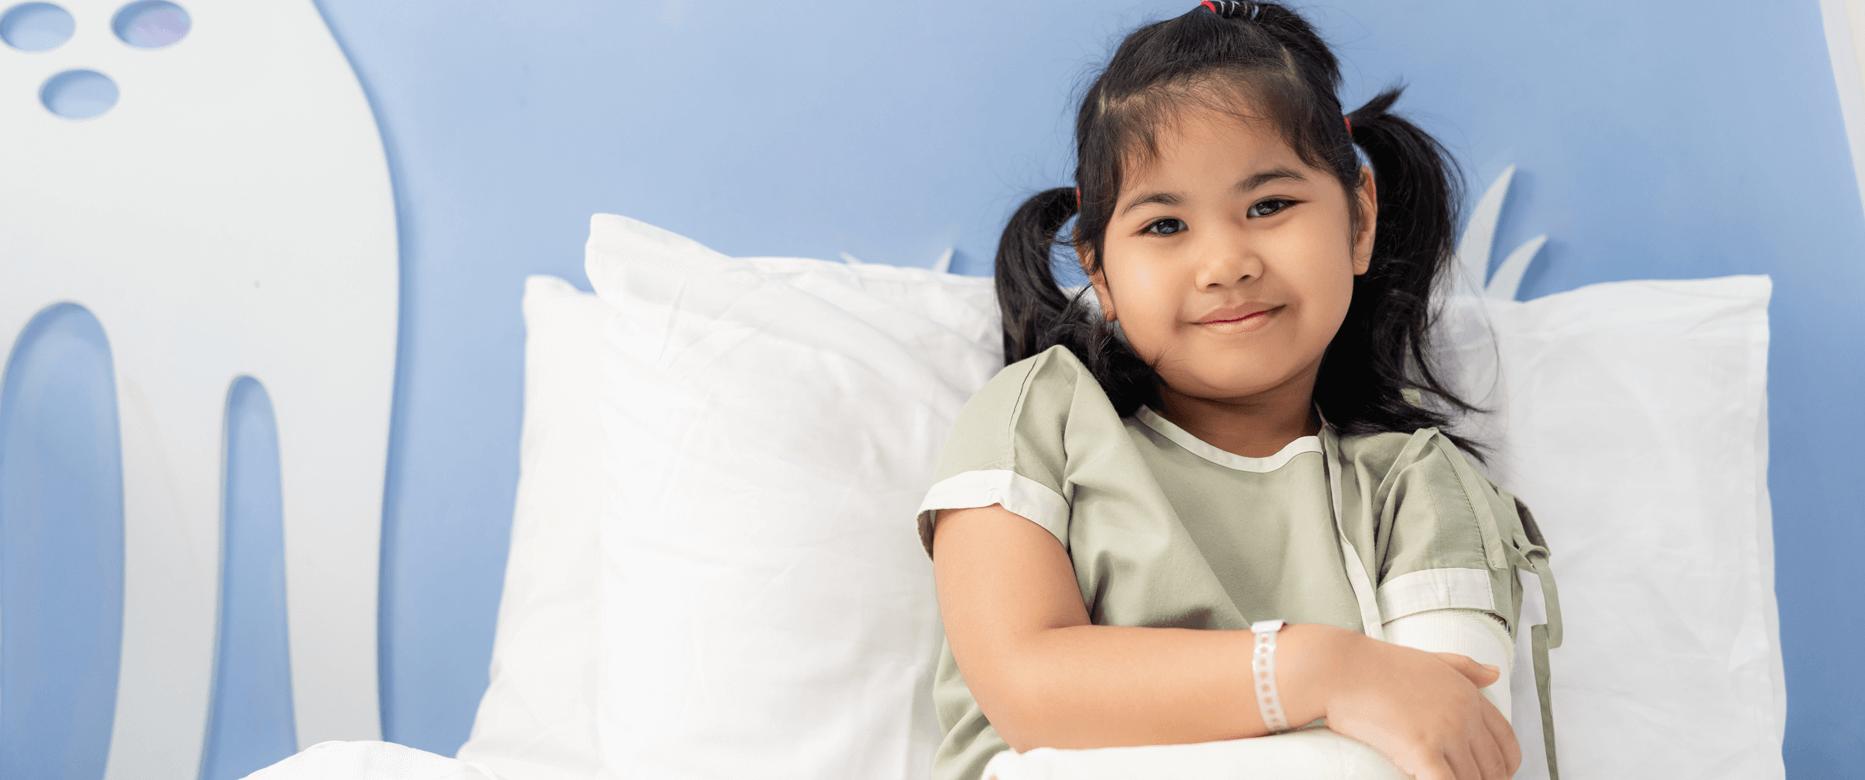 header-private-krankenversicherung